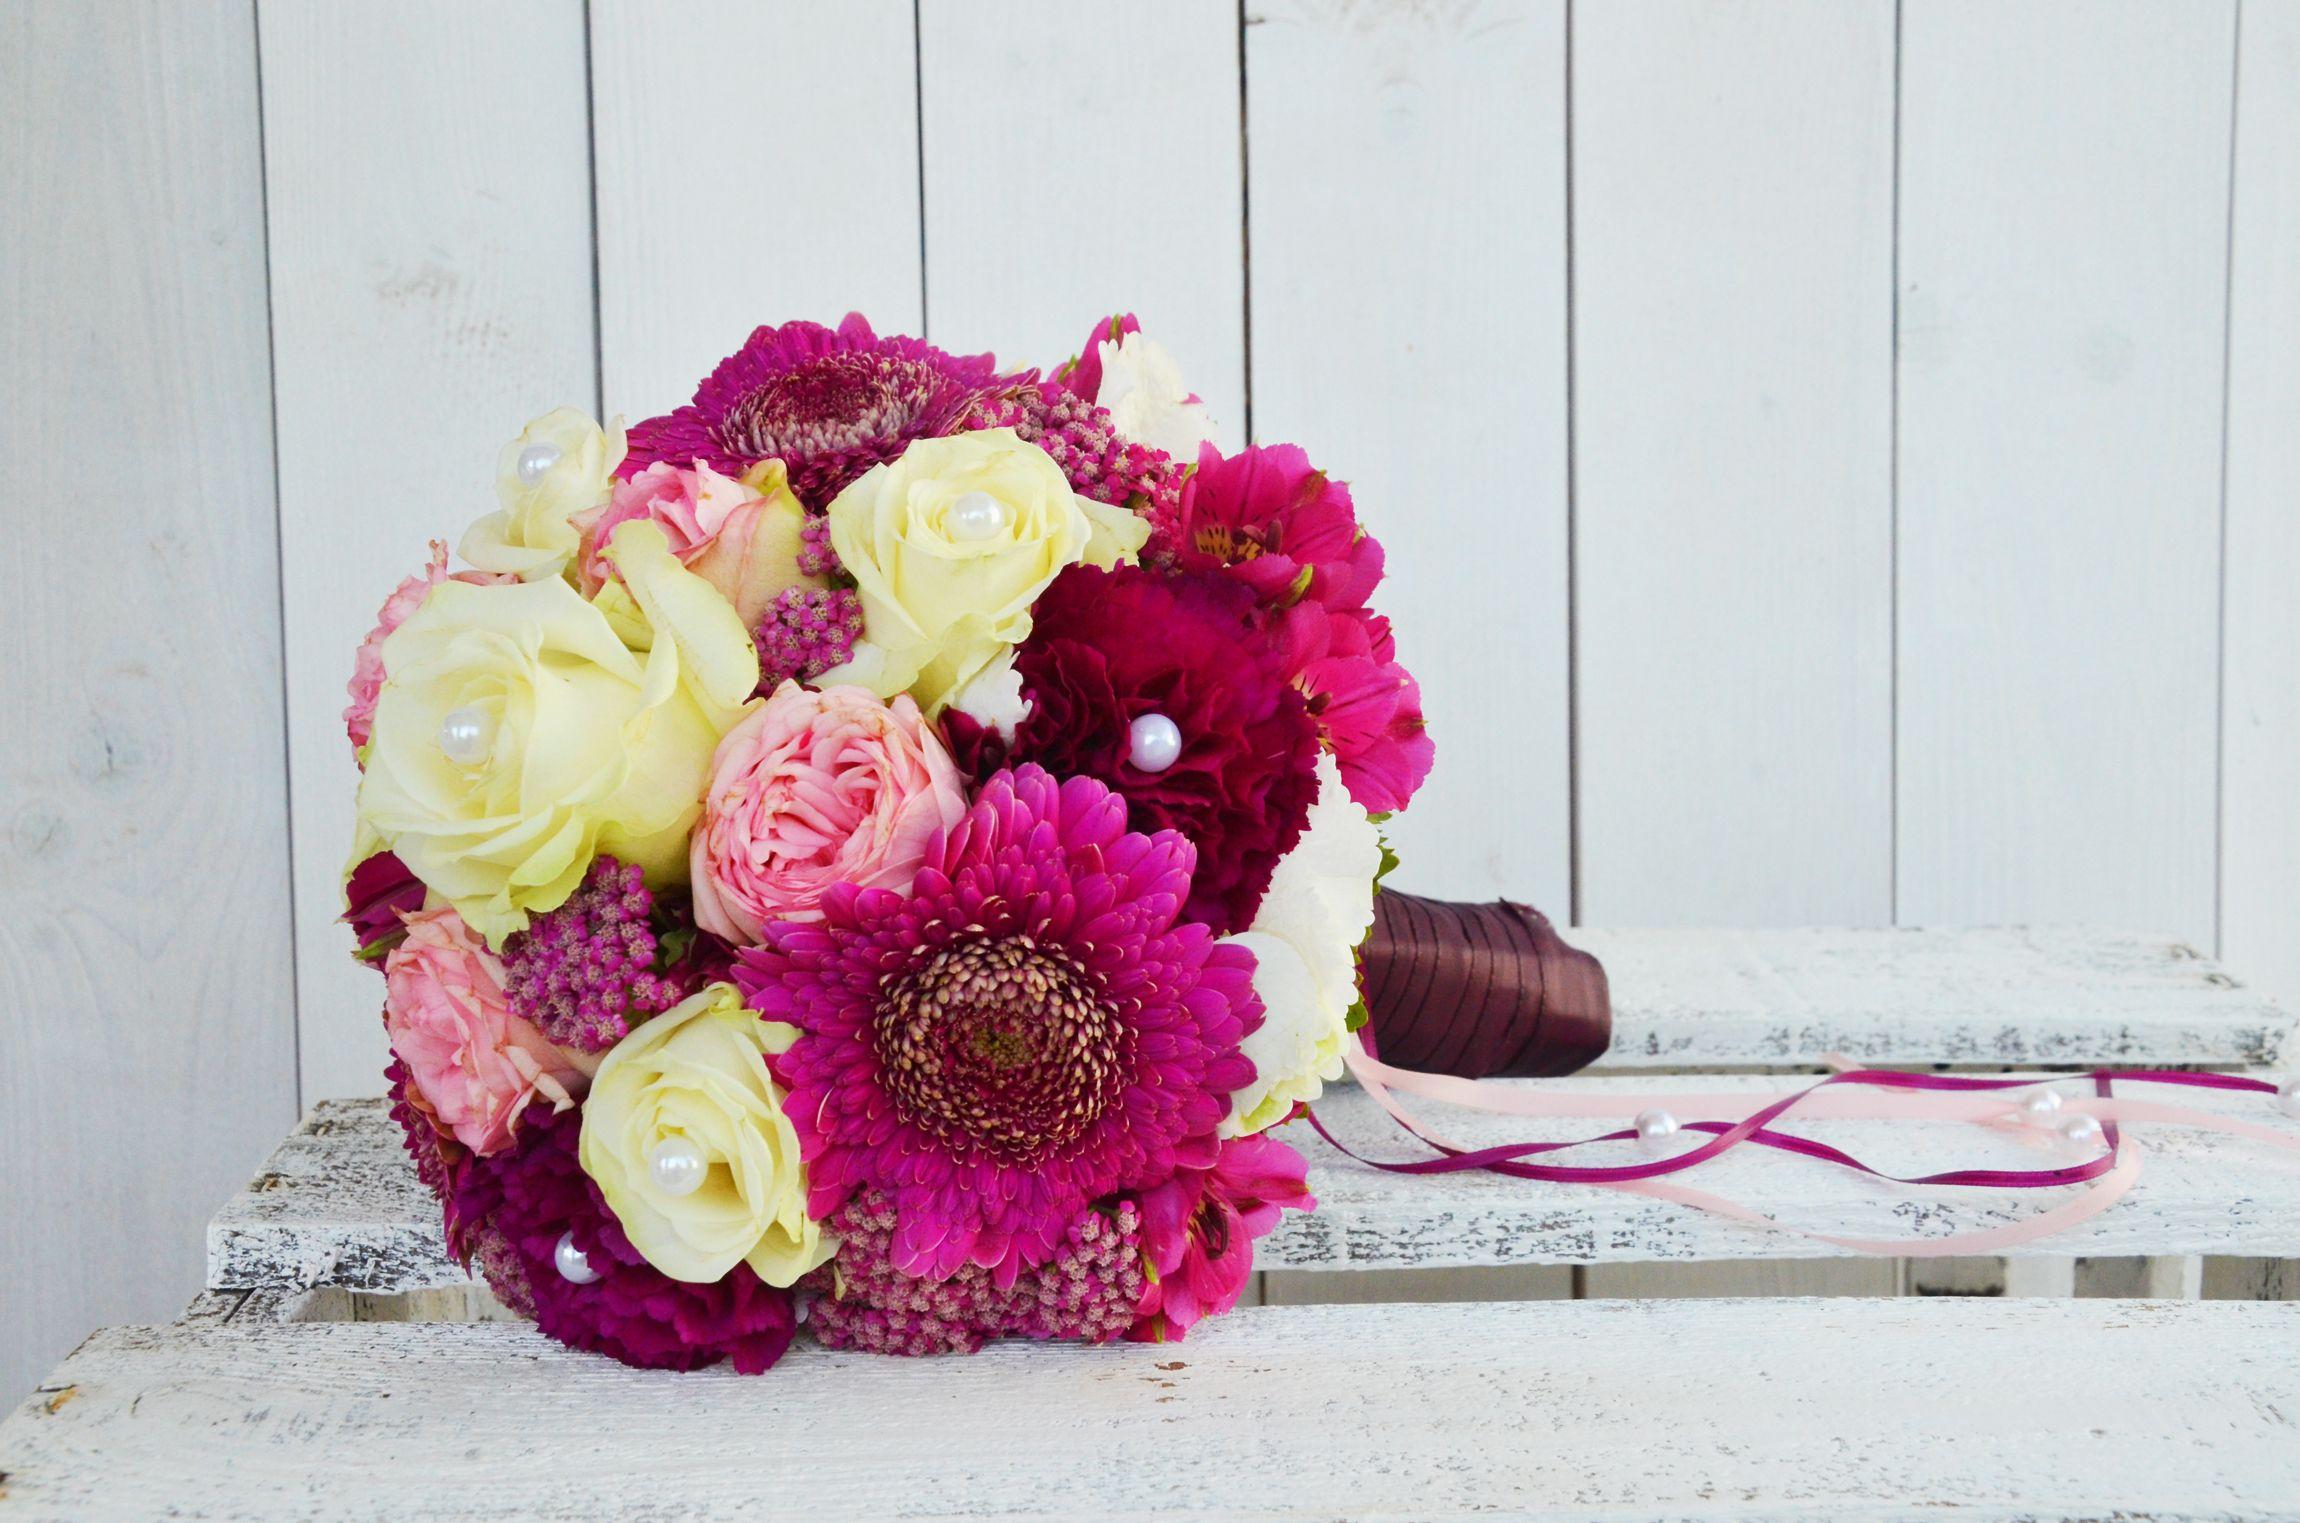 Das wichtigste #Accessoires der #Braut am Tag ihrer #Hochzeit ist der #Brautstrauss - dieser hier #strahlt in den #Farben #Creme #Pink #Beere und #Fuchsia - umgesetzt von unseren tollen #Floristinnen von #Deko & # Design - #weddingdecor #bride #bouquet #wedding #ideas #bridebouquet